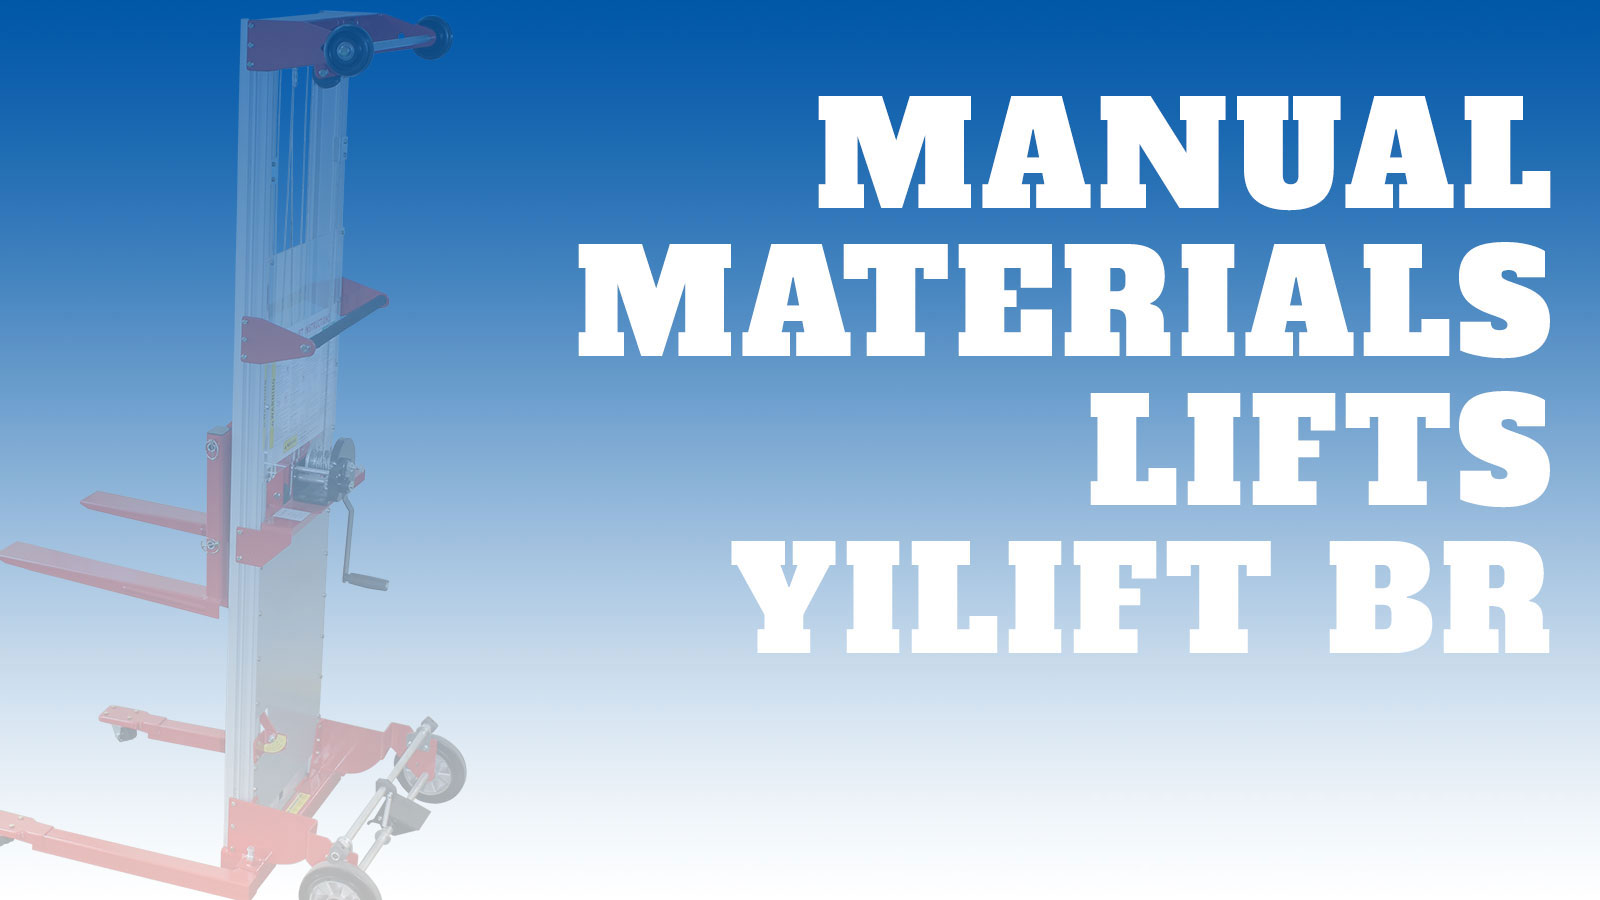 Lifting-Manual-Yilift-BR